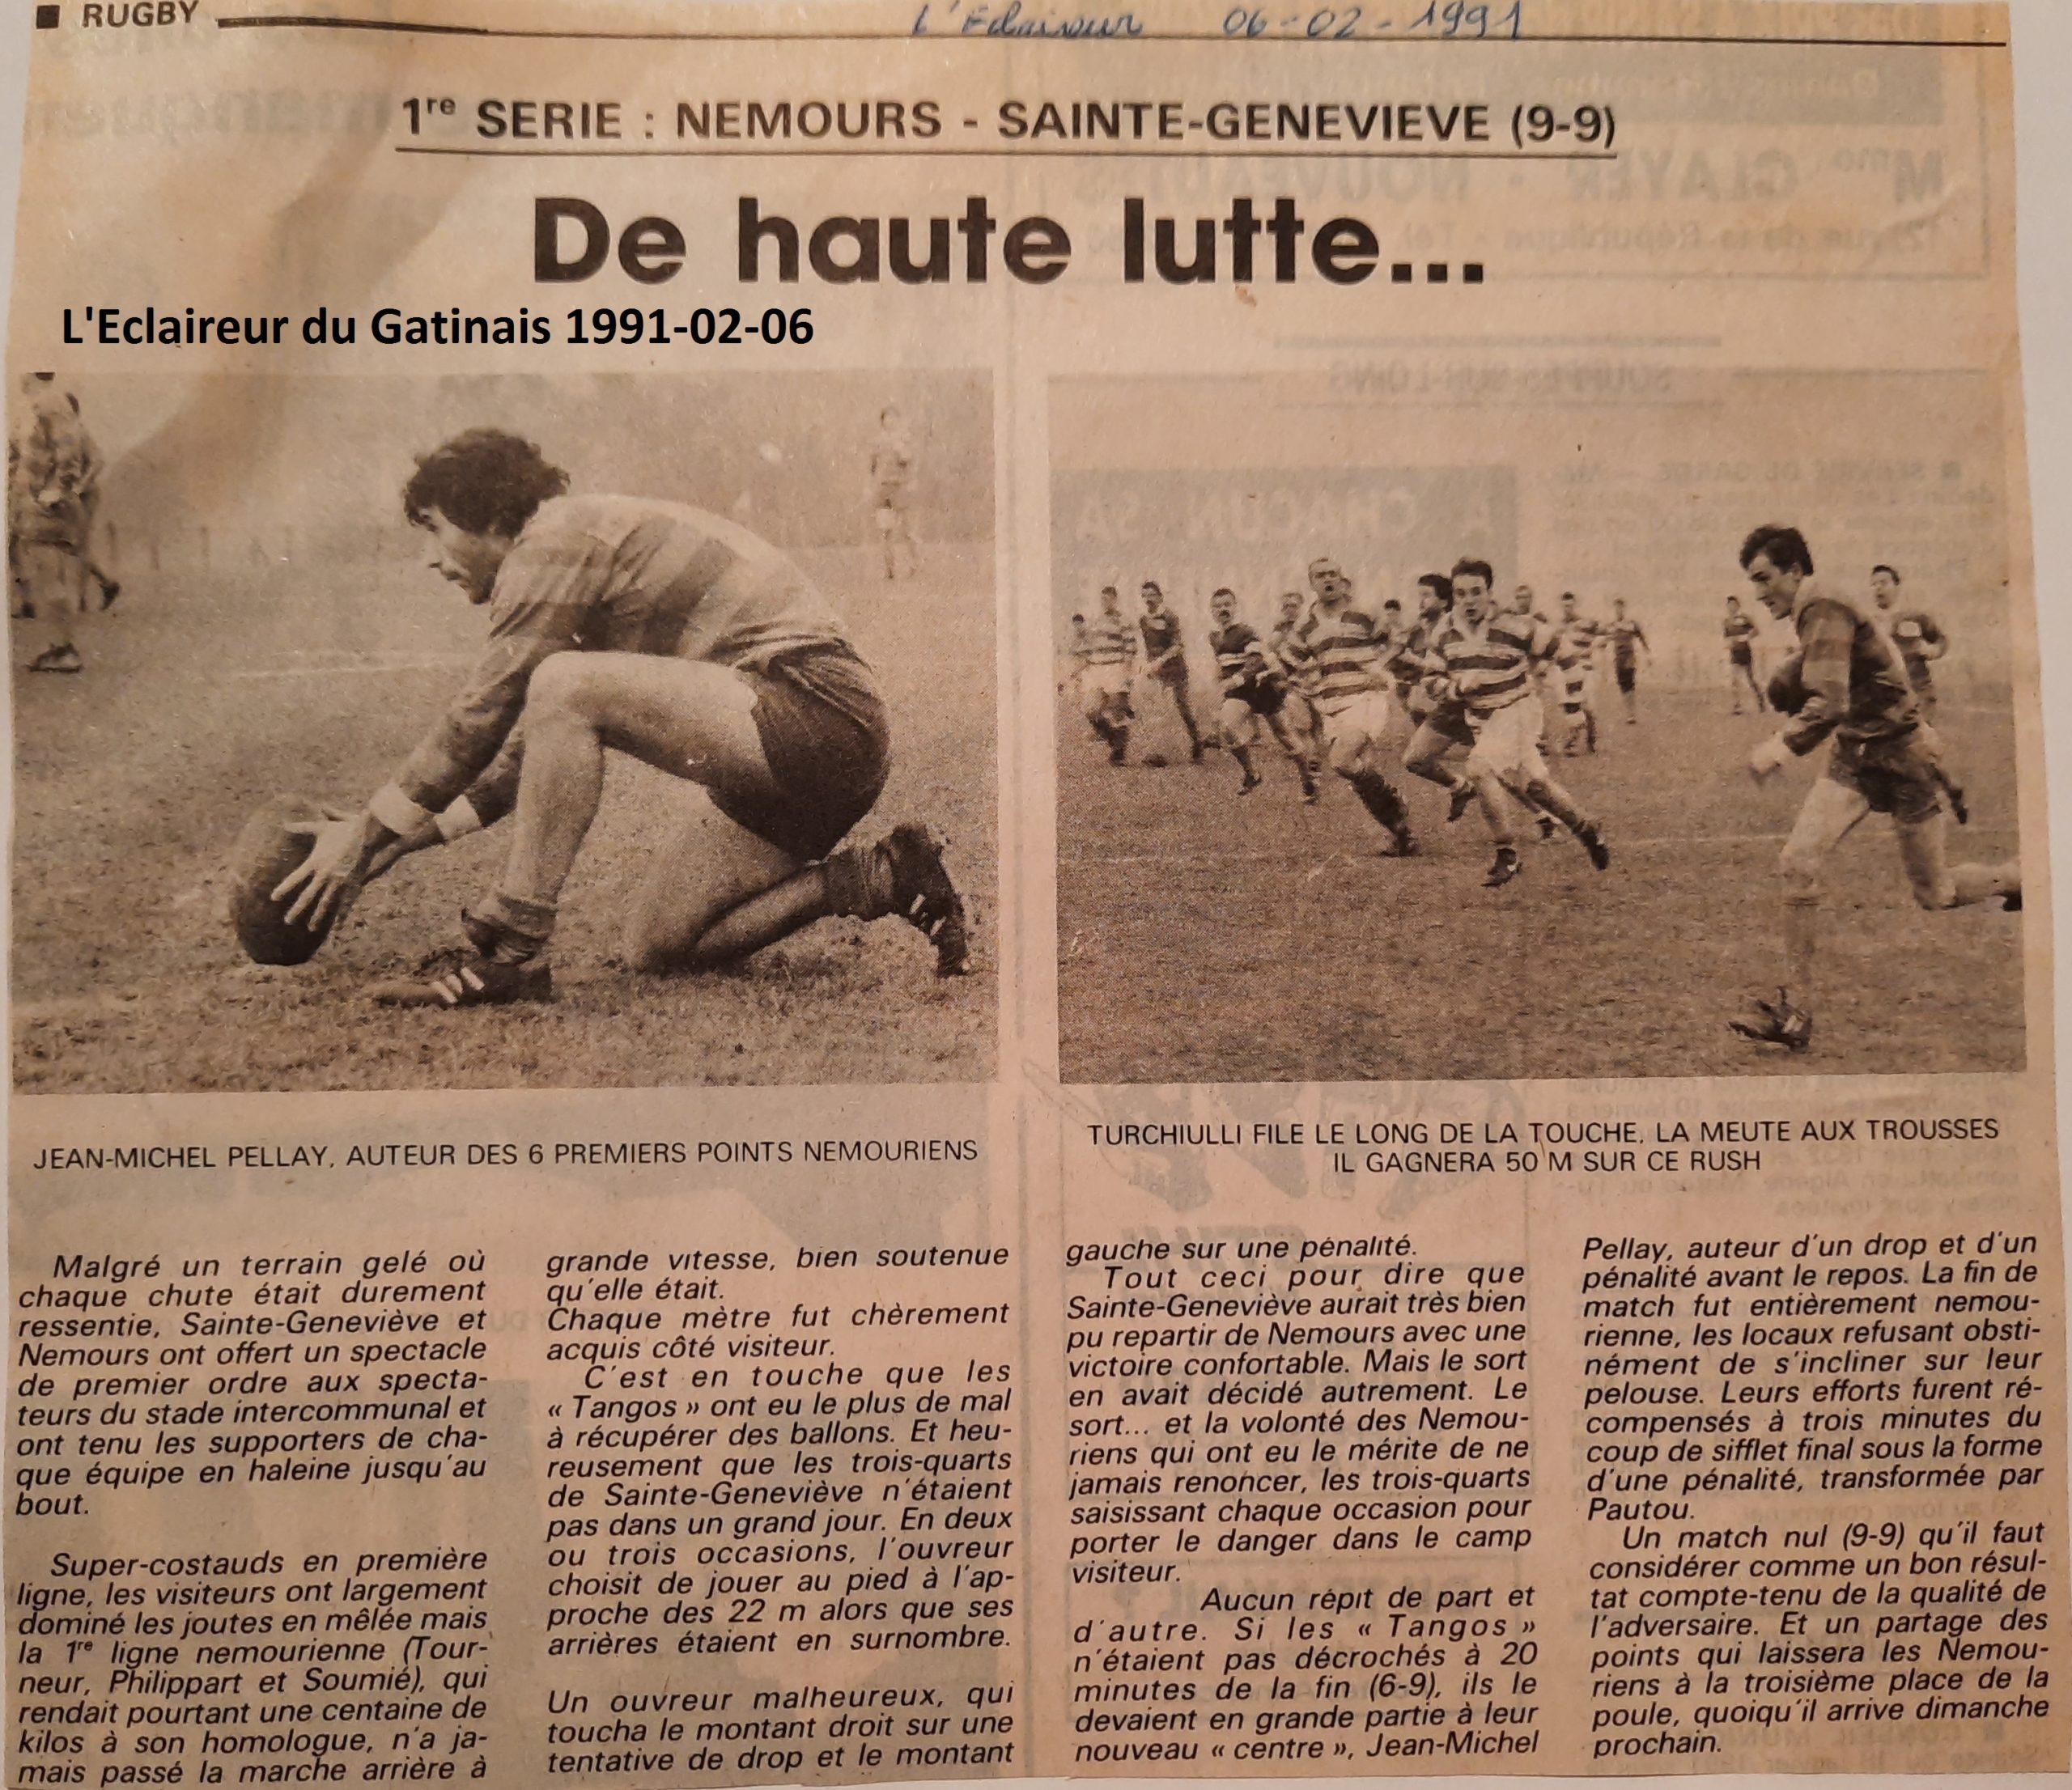 Eclaireur du Gâtinais 1991-02-06